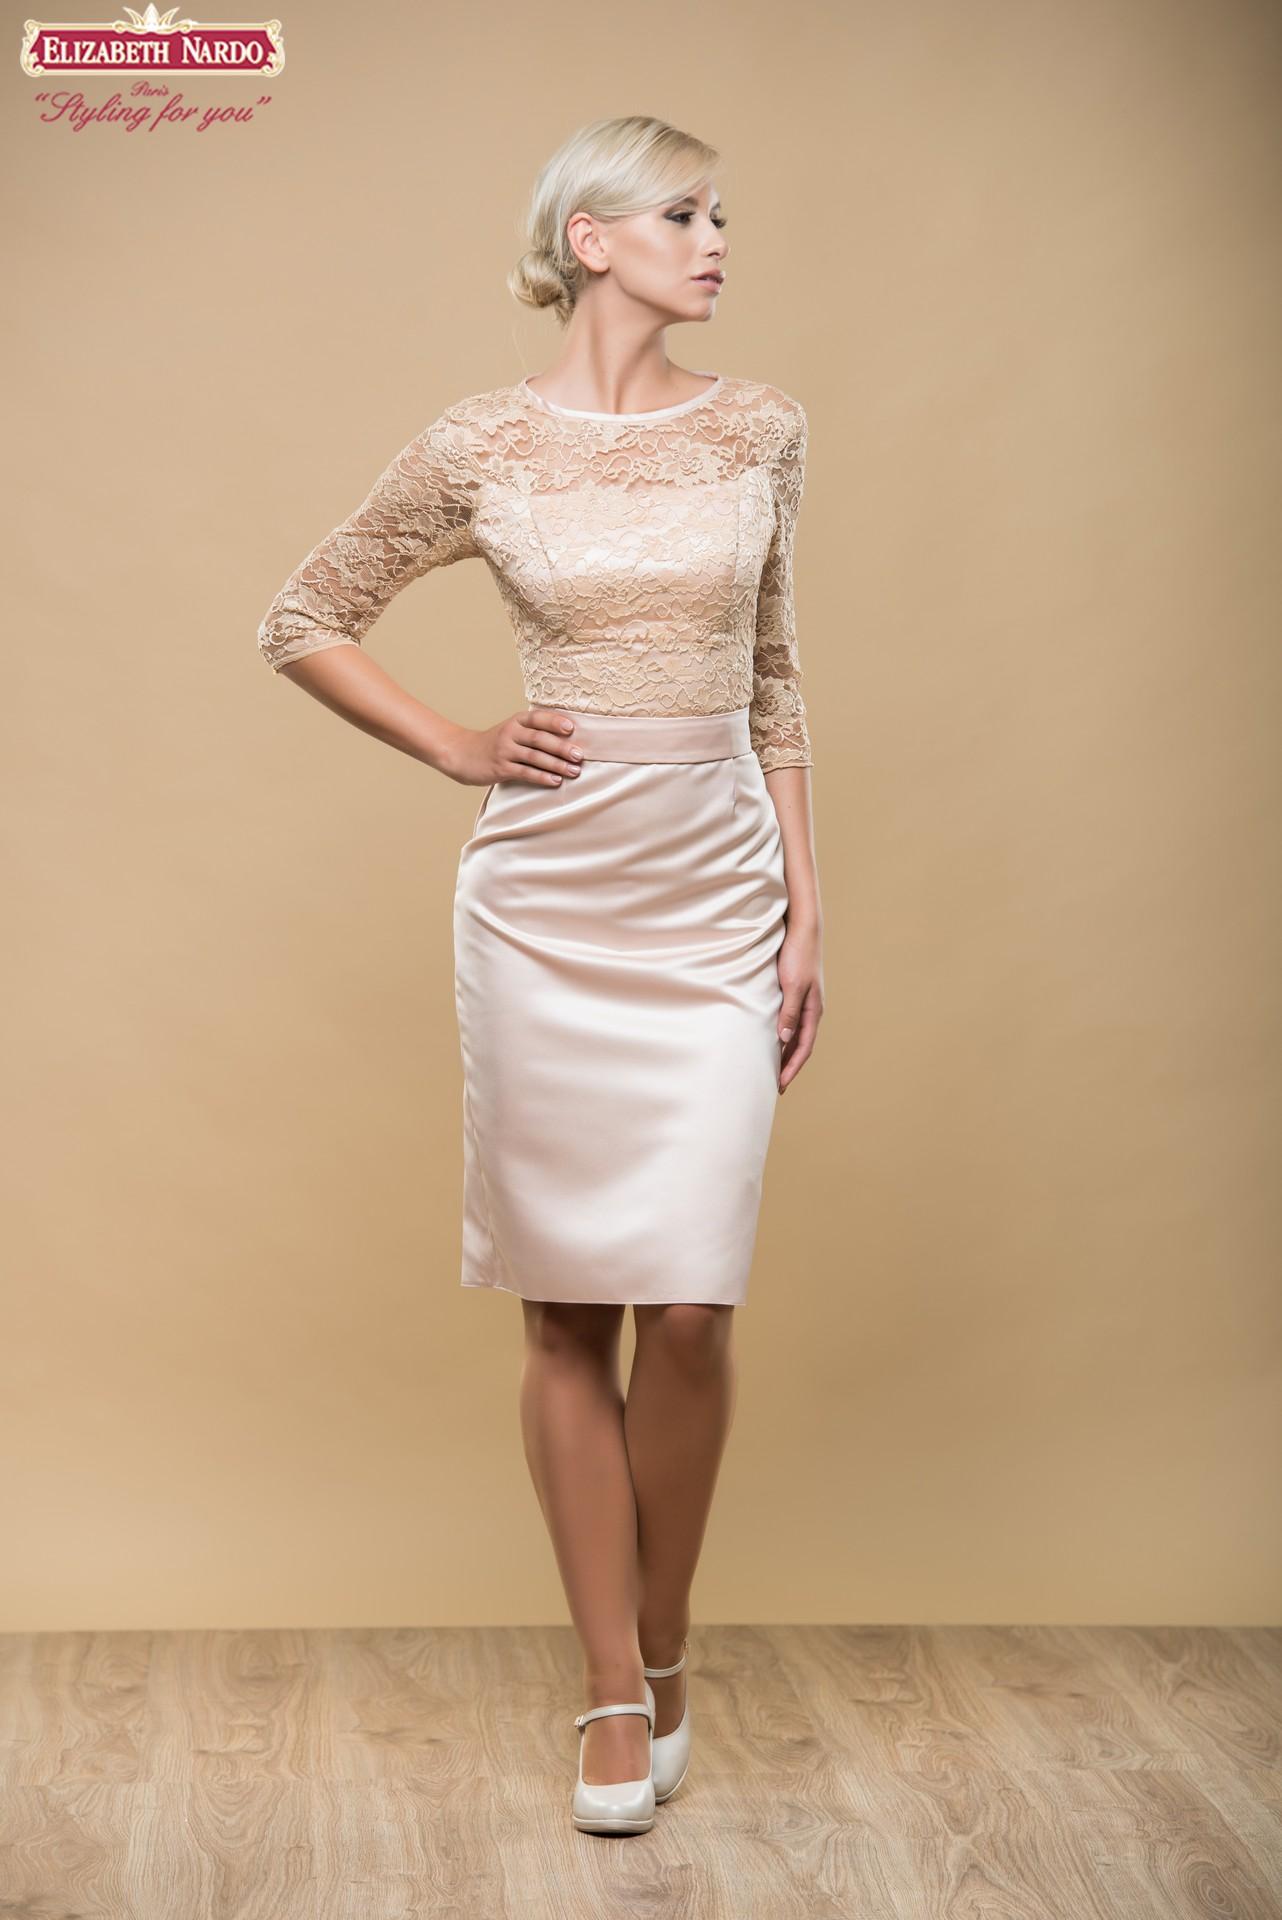 deb4238ae2 Koktélruhák - Örömanya ruha, Koktél ruha 17-420 - Menyasszonyi ruhák ...